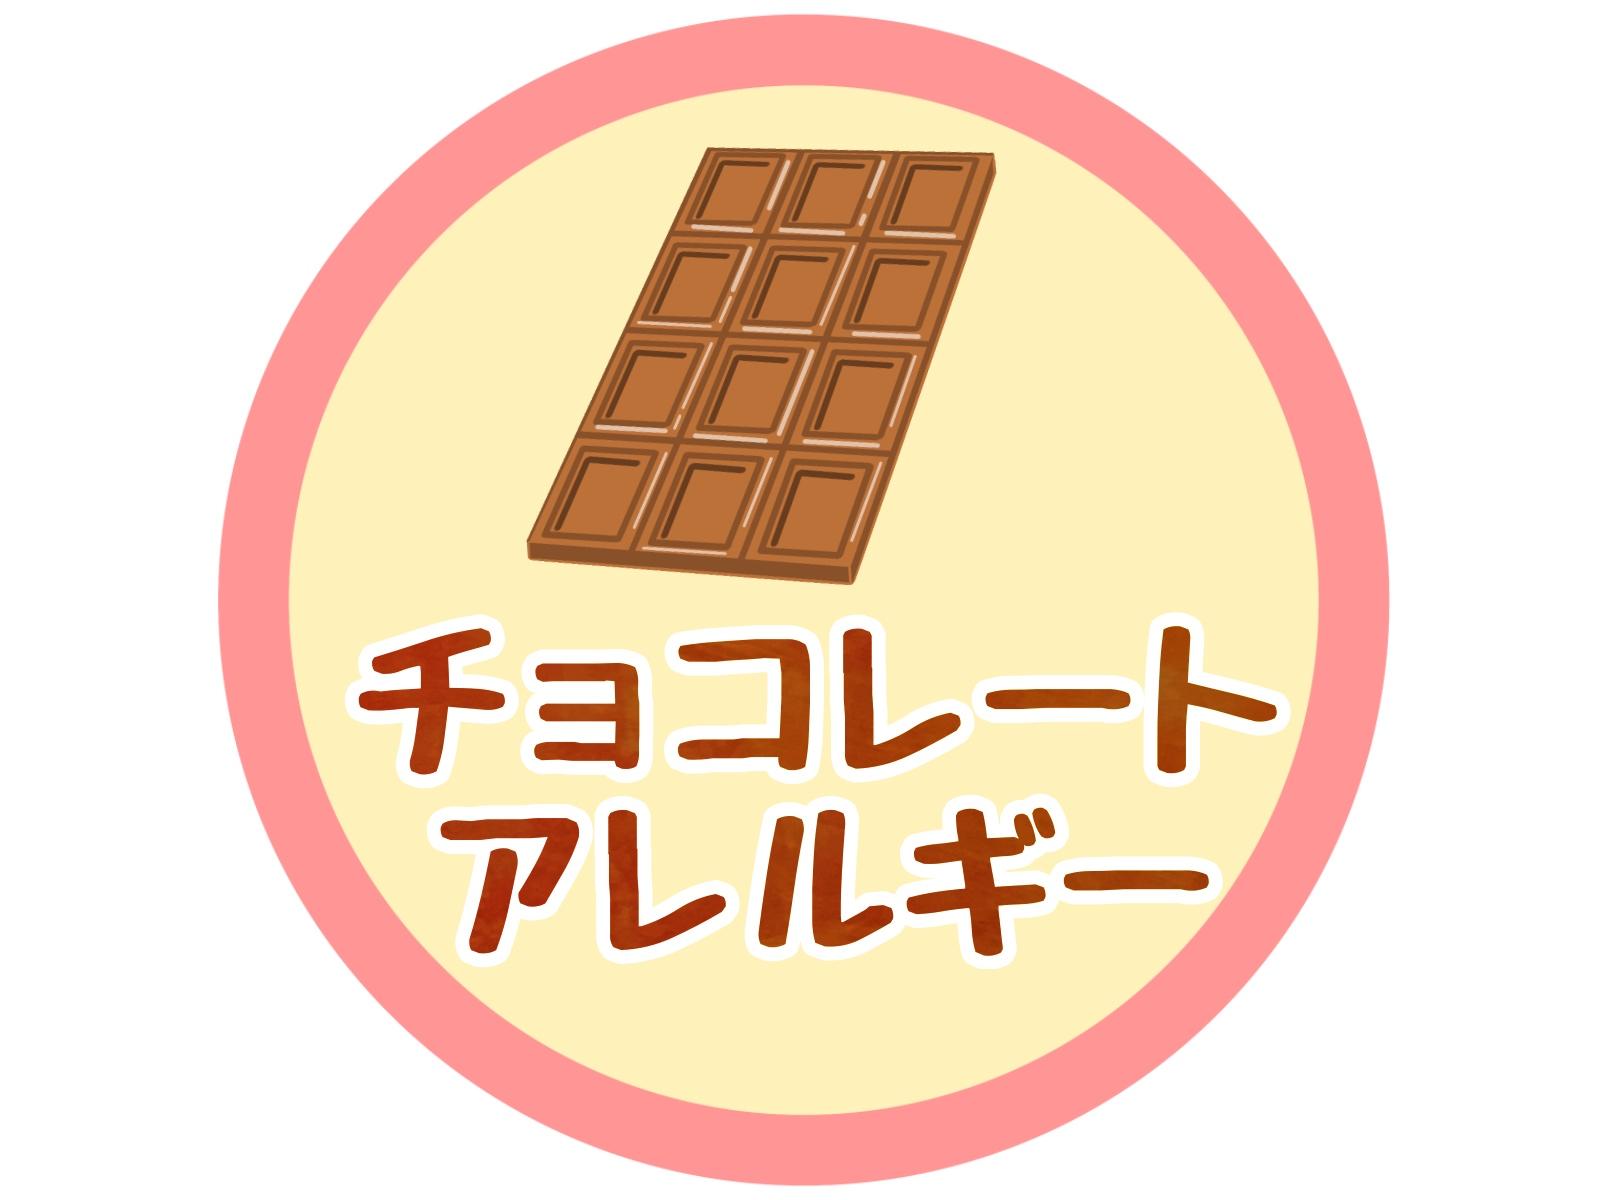 チョコレートアレルギー